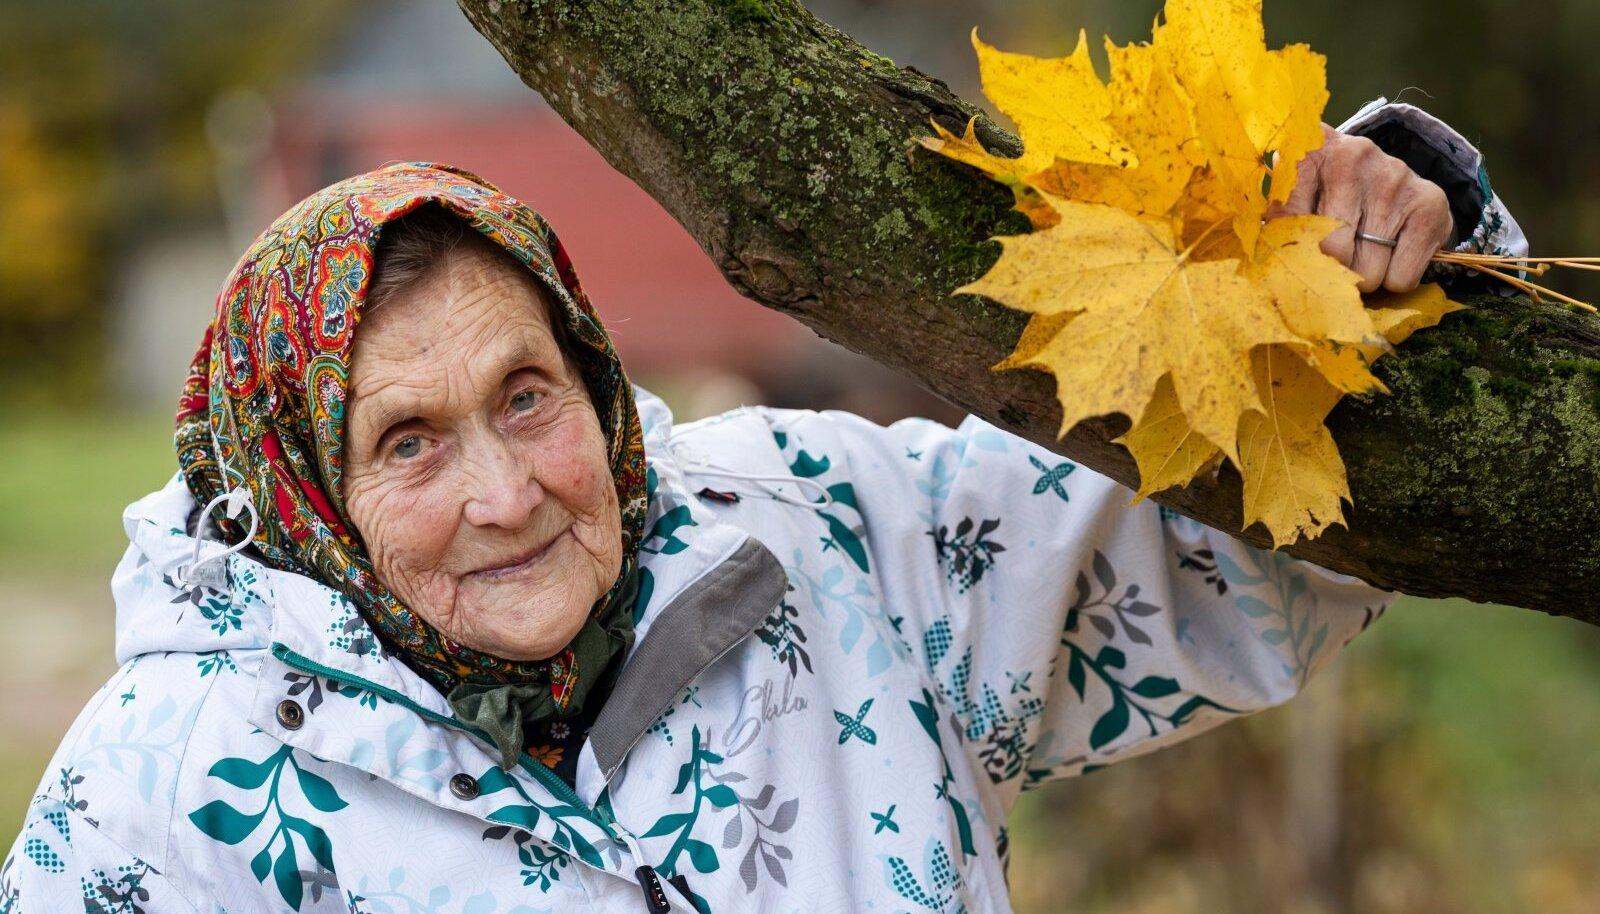 """SÜGISLEHTEDE SAHIN Elusügis teeb elurõõmsal Virvel vahel meele kurvaks ka. """"Ega ei tea, mis elu veel toob. Palju halba ja head on nähtud. Elu on kõik mööda läinud. Kõik ilus on läind nagu õhk. Ilus aeg on kõik selja taga,"""" ohkab Virve."""